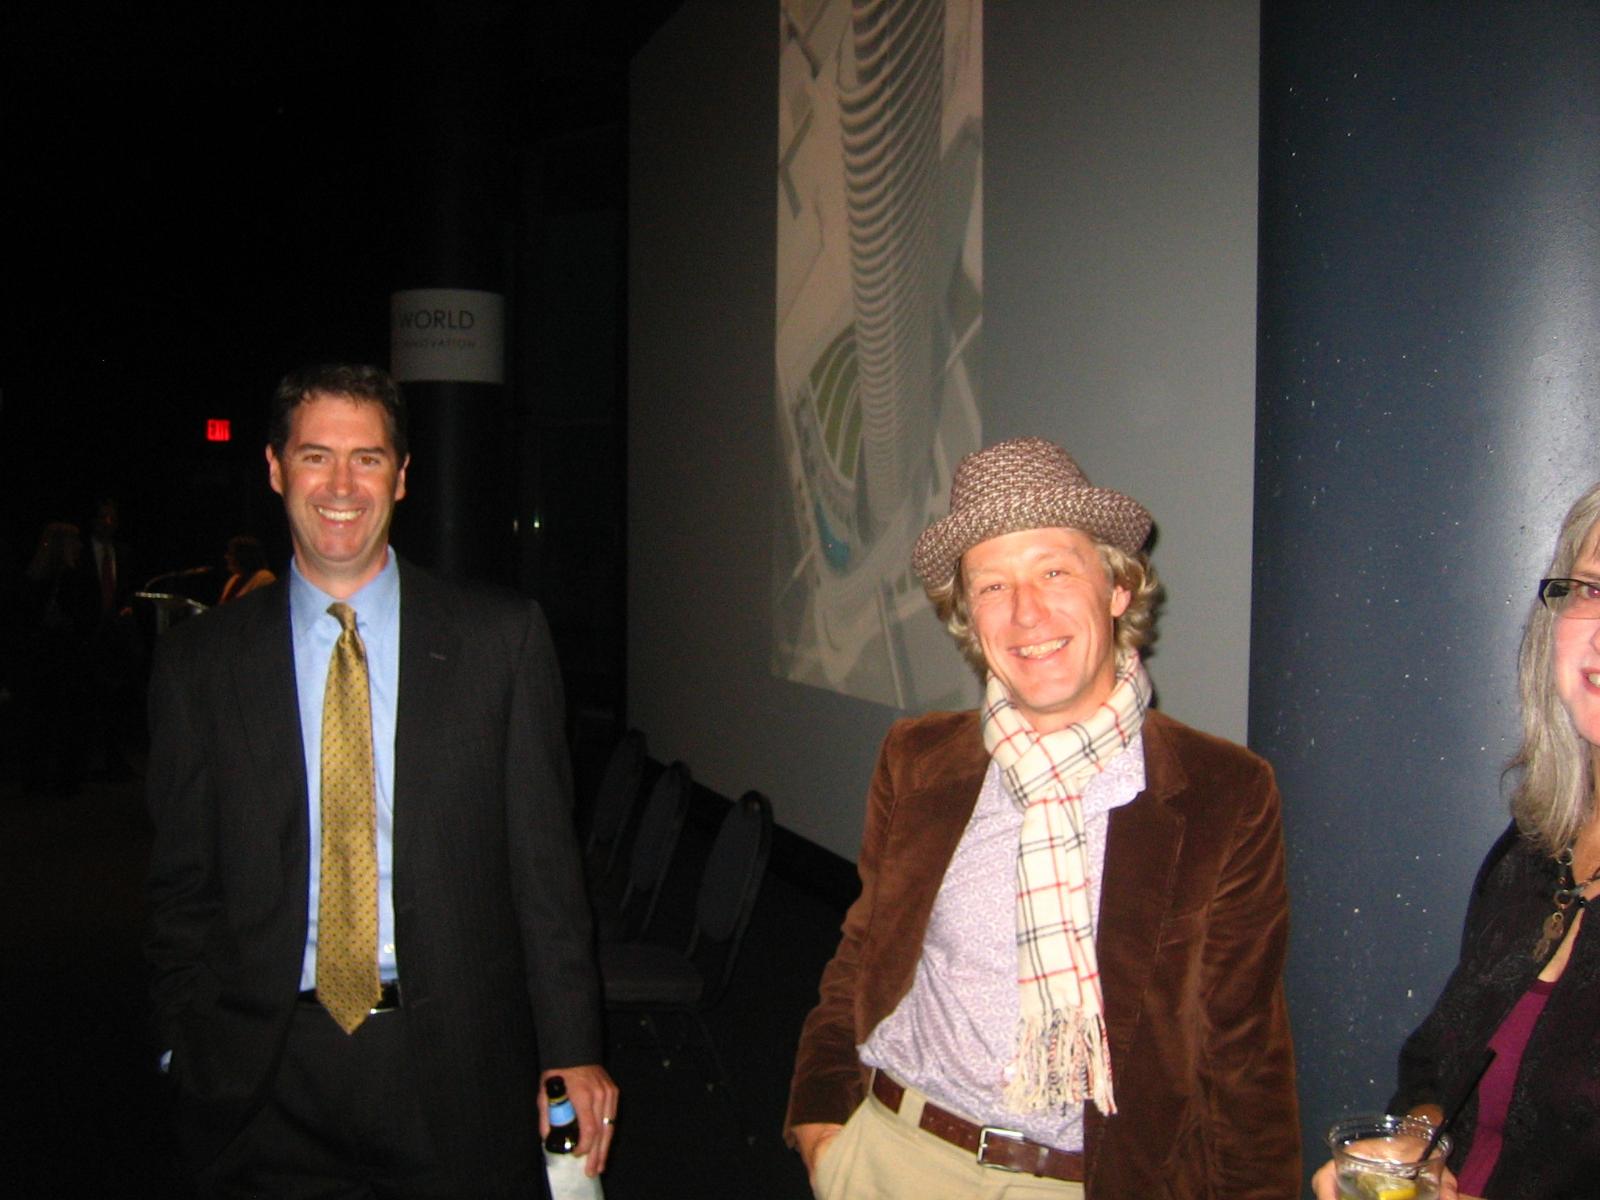 Joel Brennan and Dave Schlabowske.